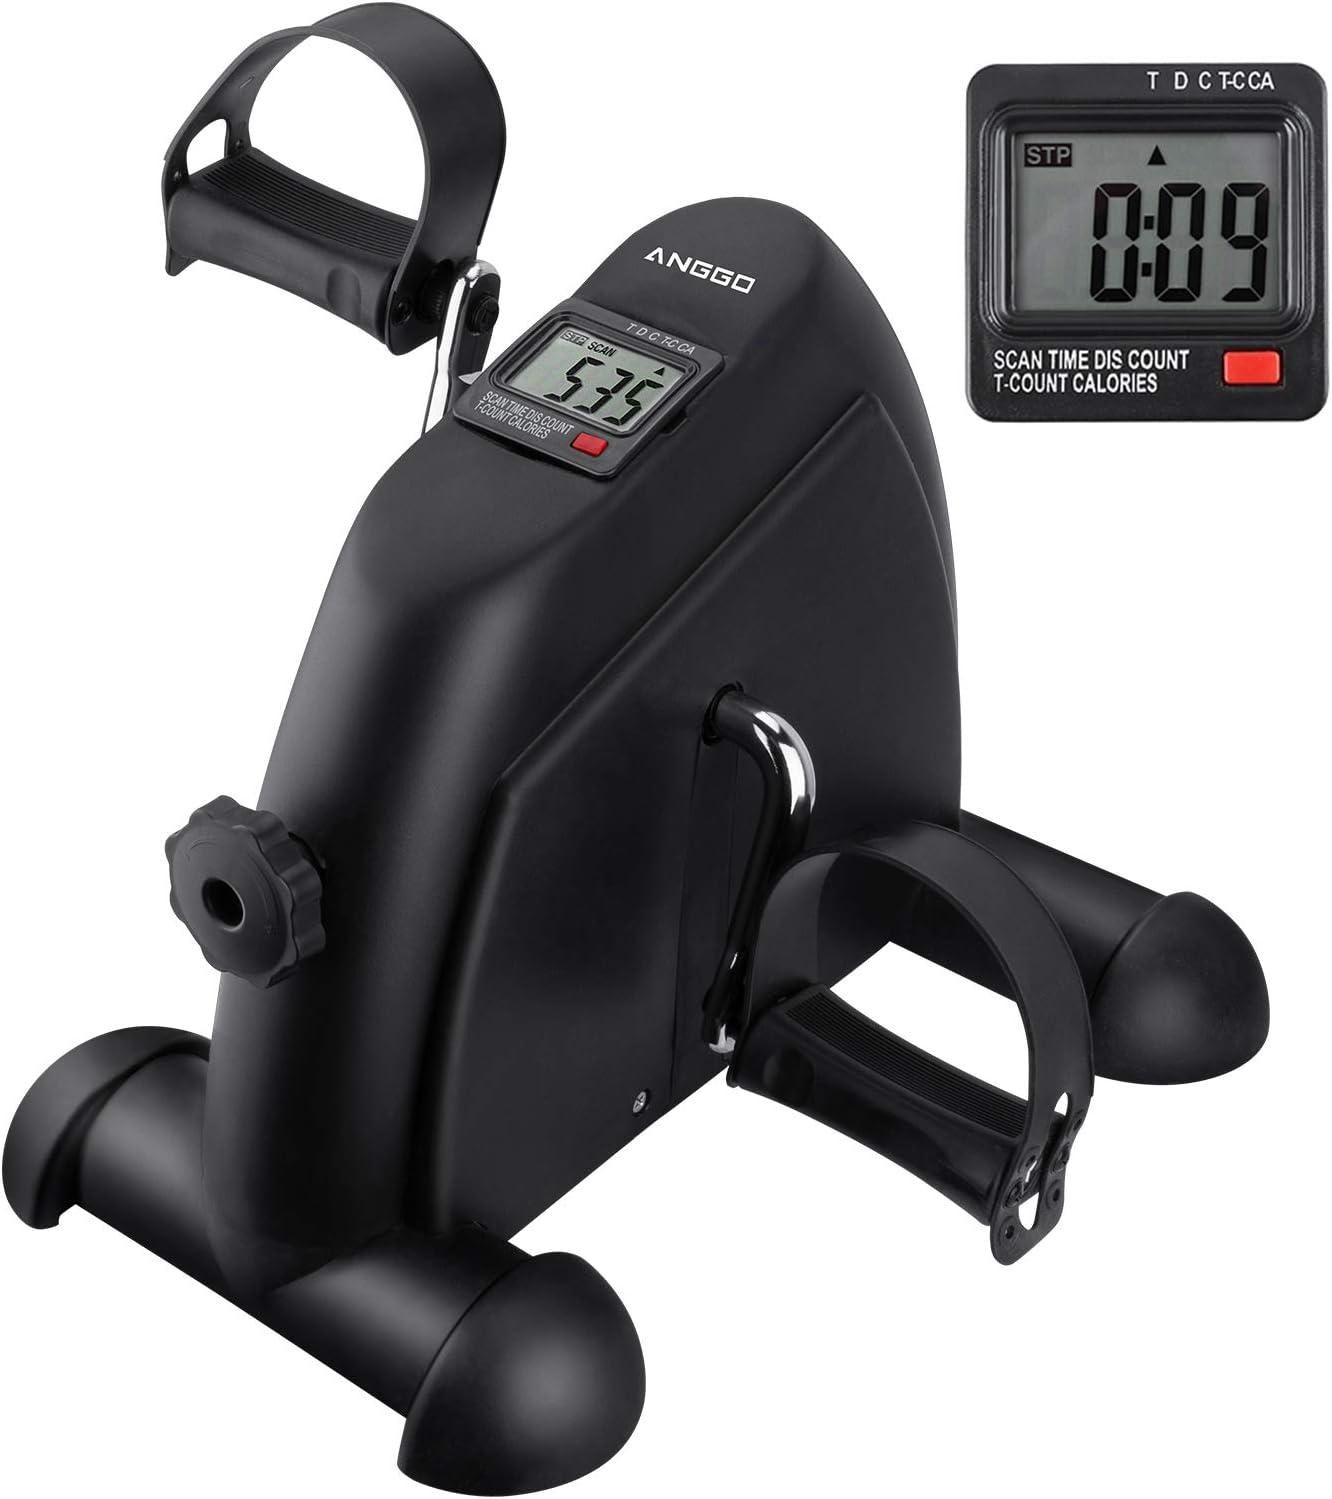 ANGGO Mini Bicicleta Estática, Pedales Estaticos para Entrenamiento de Brazos y Piernas, Pedaleador con LCD Pantalla y Resistencia Ajustable para Hacer Ejercicio en Casa con Alfombra Antideslizante